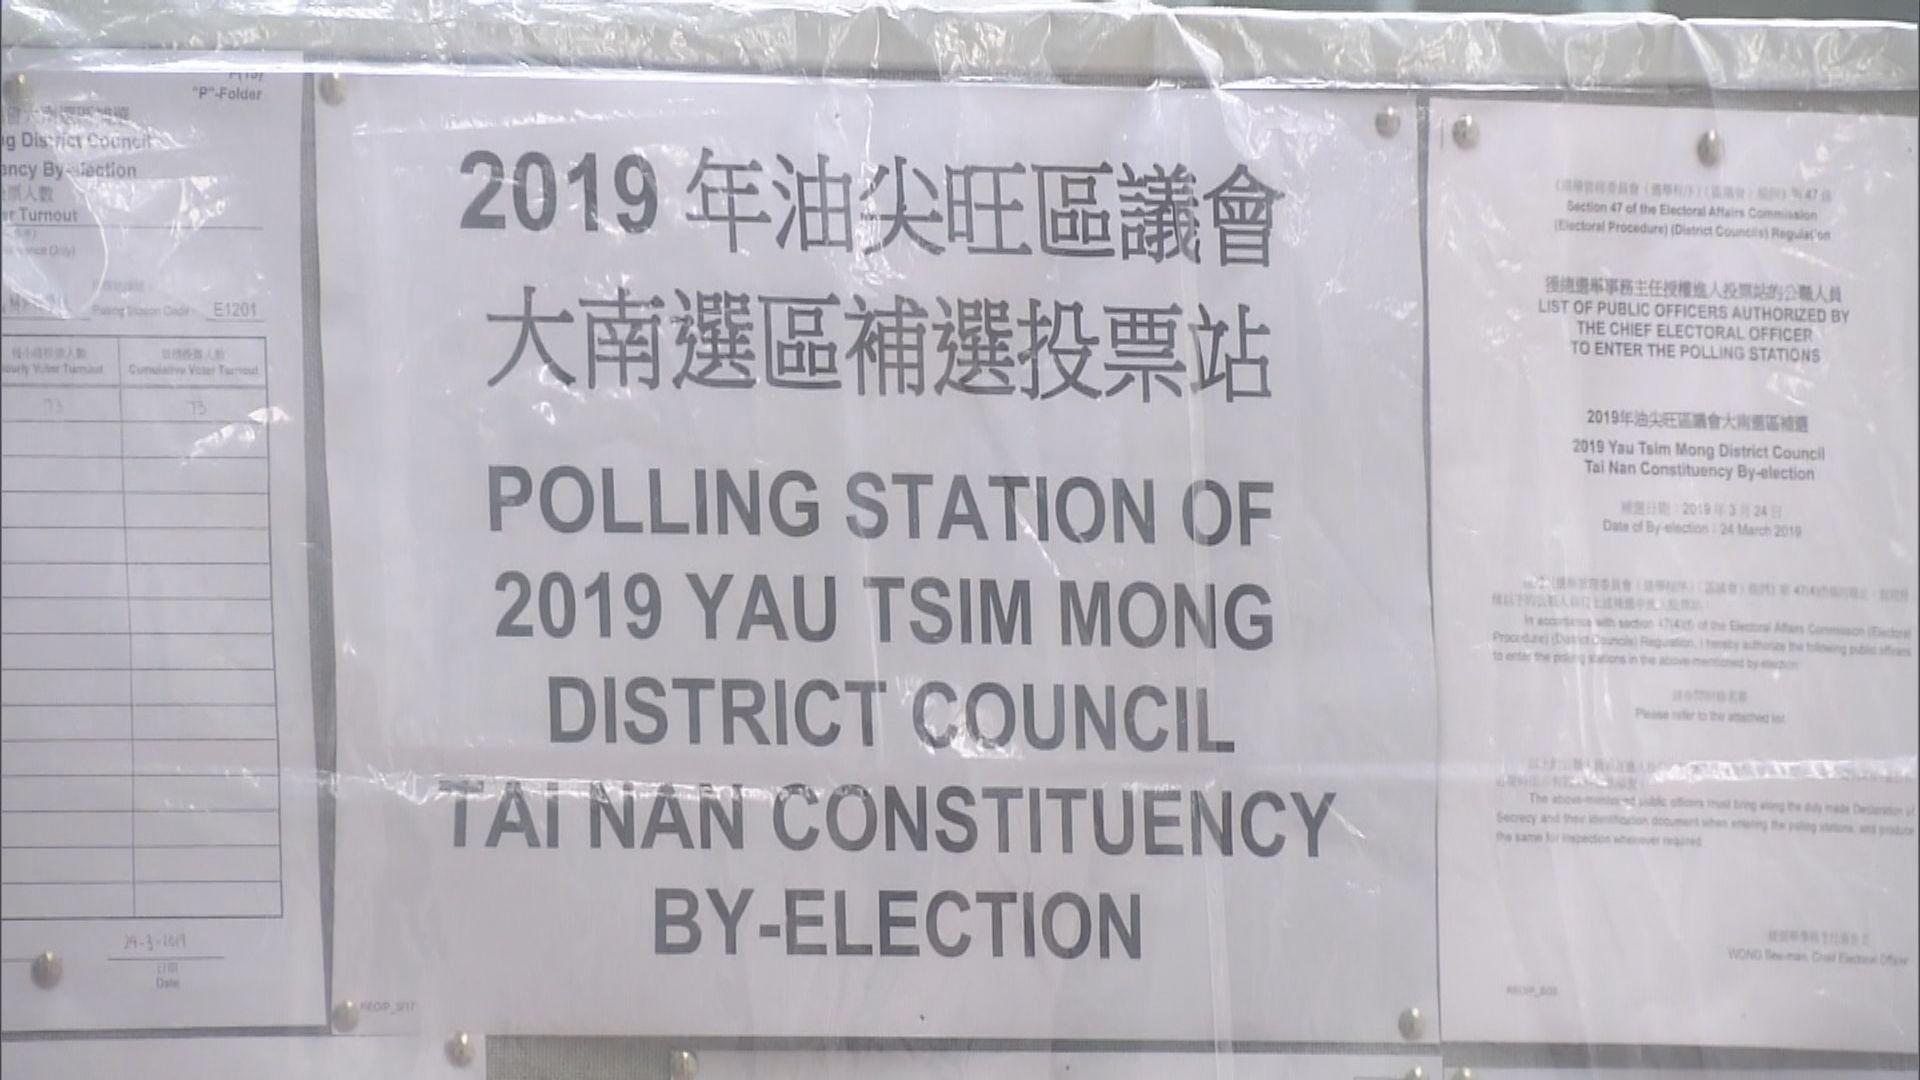 大南區區議會議席補選 馮驊:票站運作良好